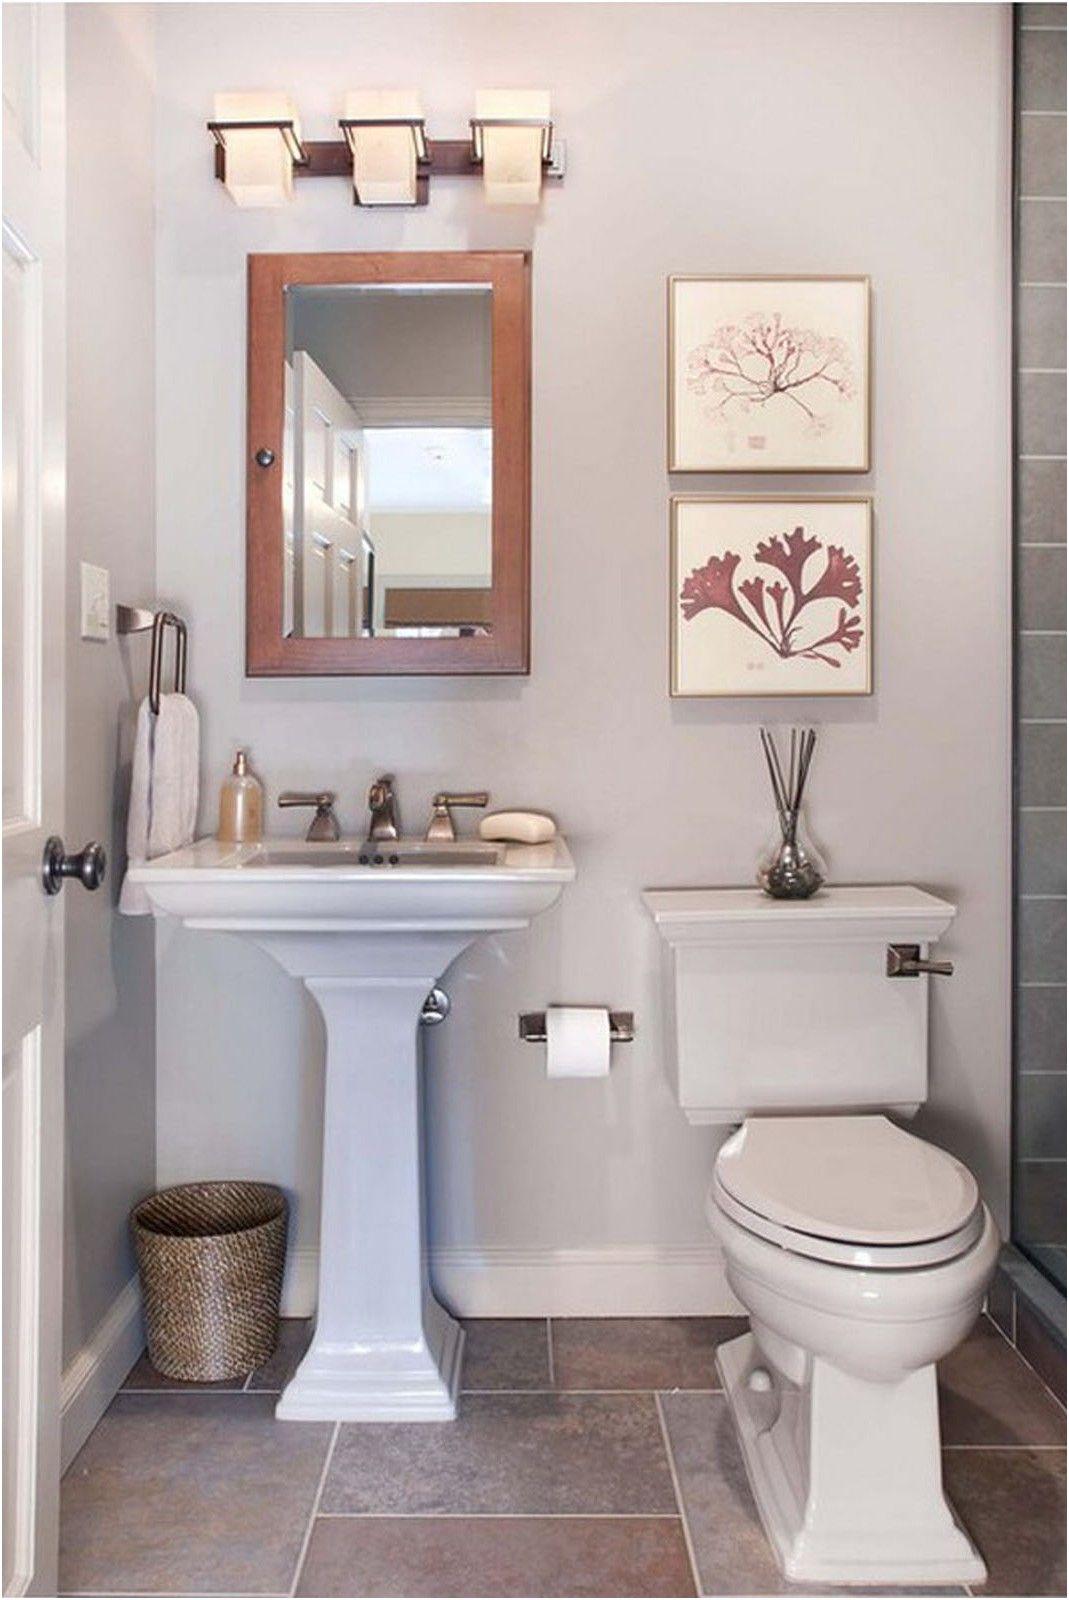 Simple Bathroom Designs For Small Spaces Home Design Minimalist From Bathroom Designs For Small Rooms Toilet Dekorasi Kamar Mandi Kamar Mandi